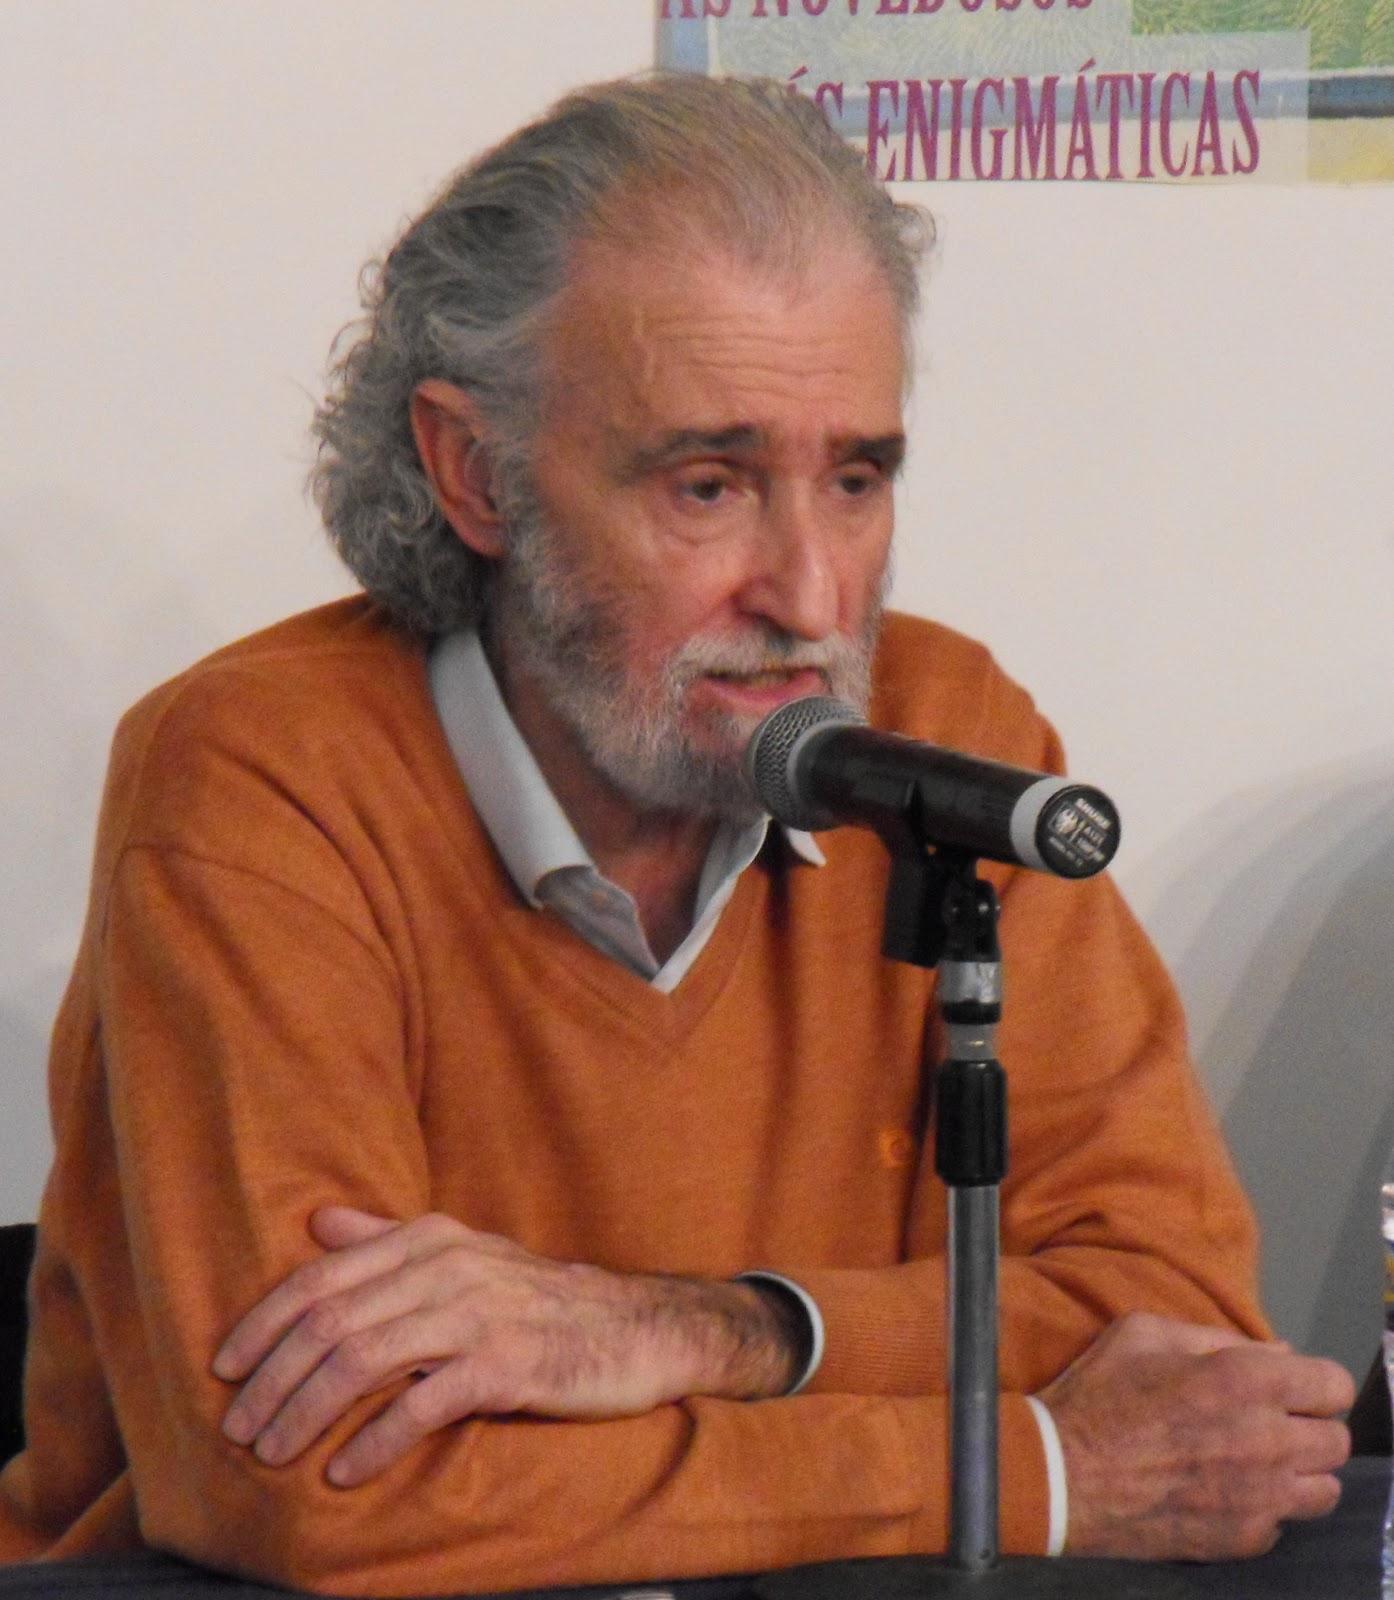 20 Ramiro Calle: El apego y el desapego. Sergio No comments